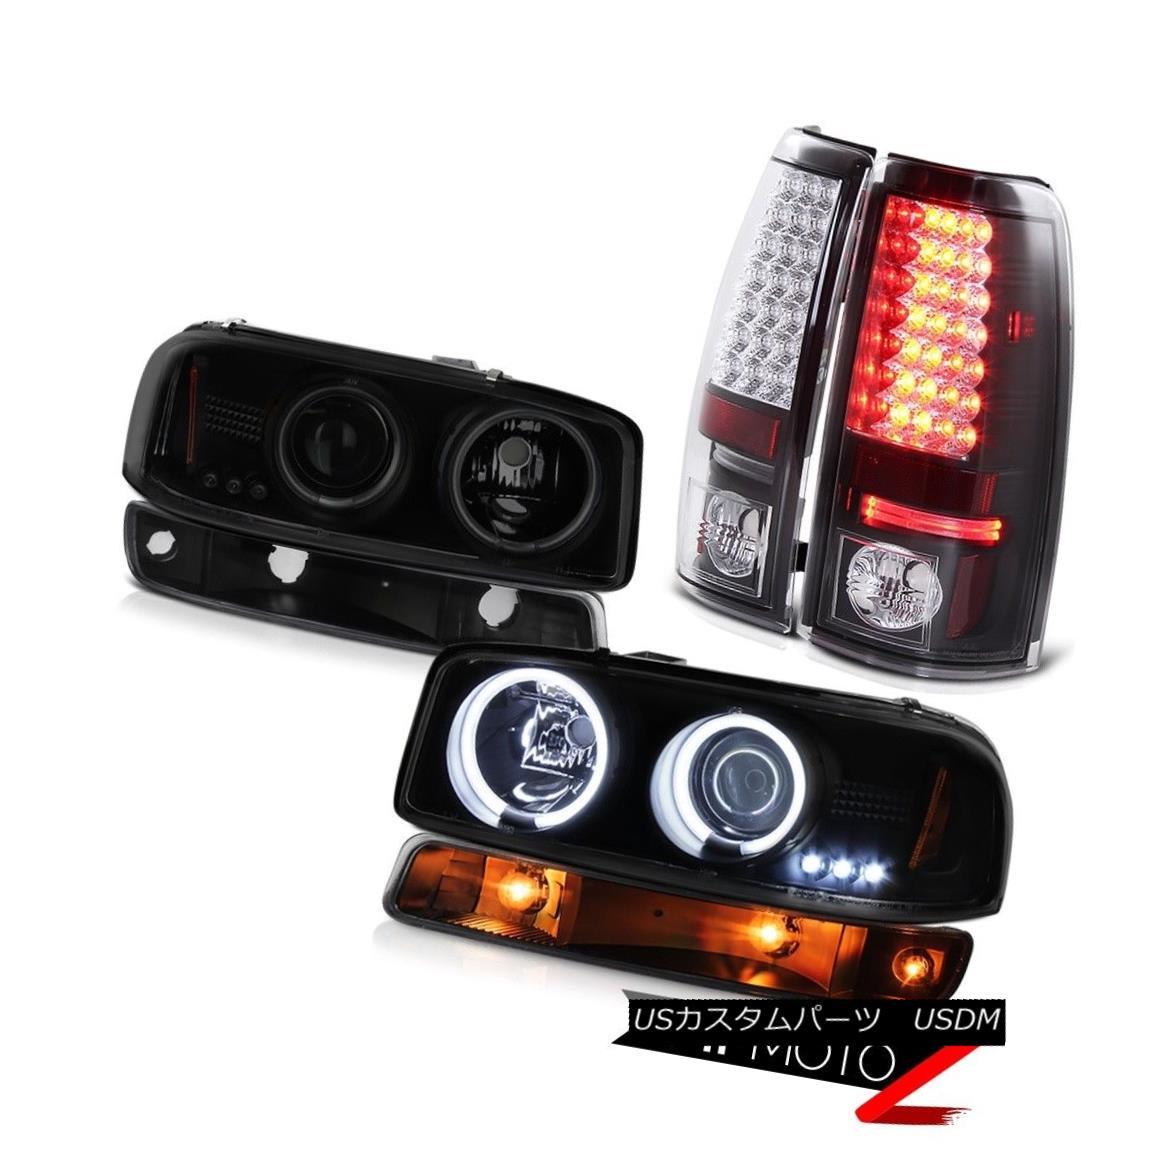 テールライト 99 00 01 02 GMC Sierra Raven black led tail lamps signal lamp ccfl headlamps 99 00 01 02 GMC Sierra Raven黒いテールランプ信号ランプccflヘッドランプ